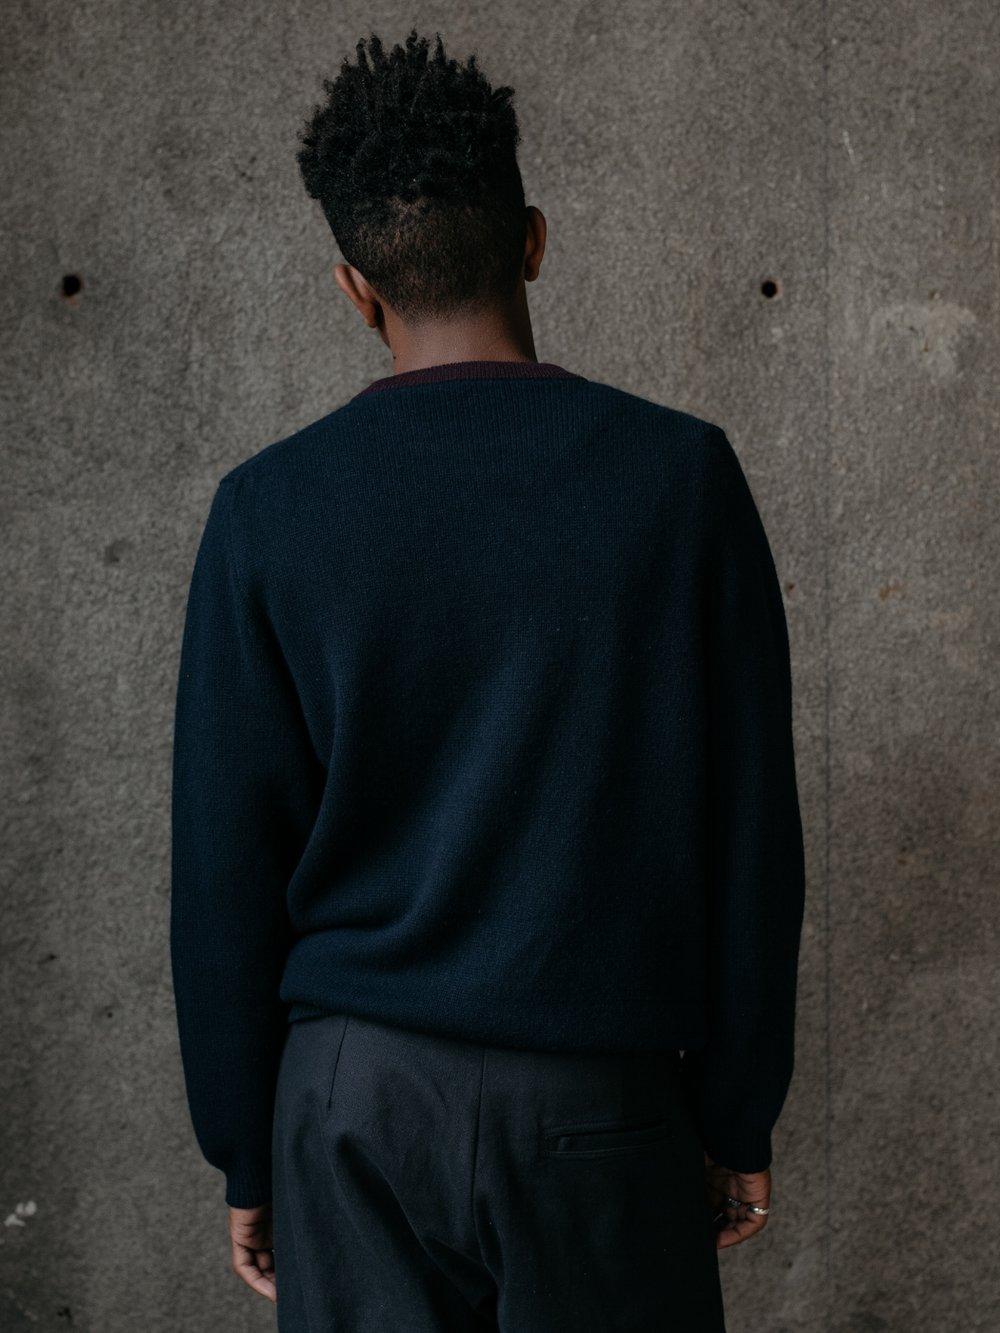 evan-kinori-stripe-collar-sweater-cashmere-wool-fall-2017-3